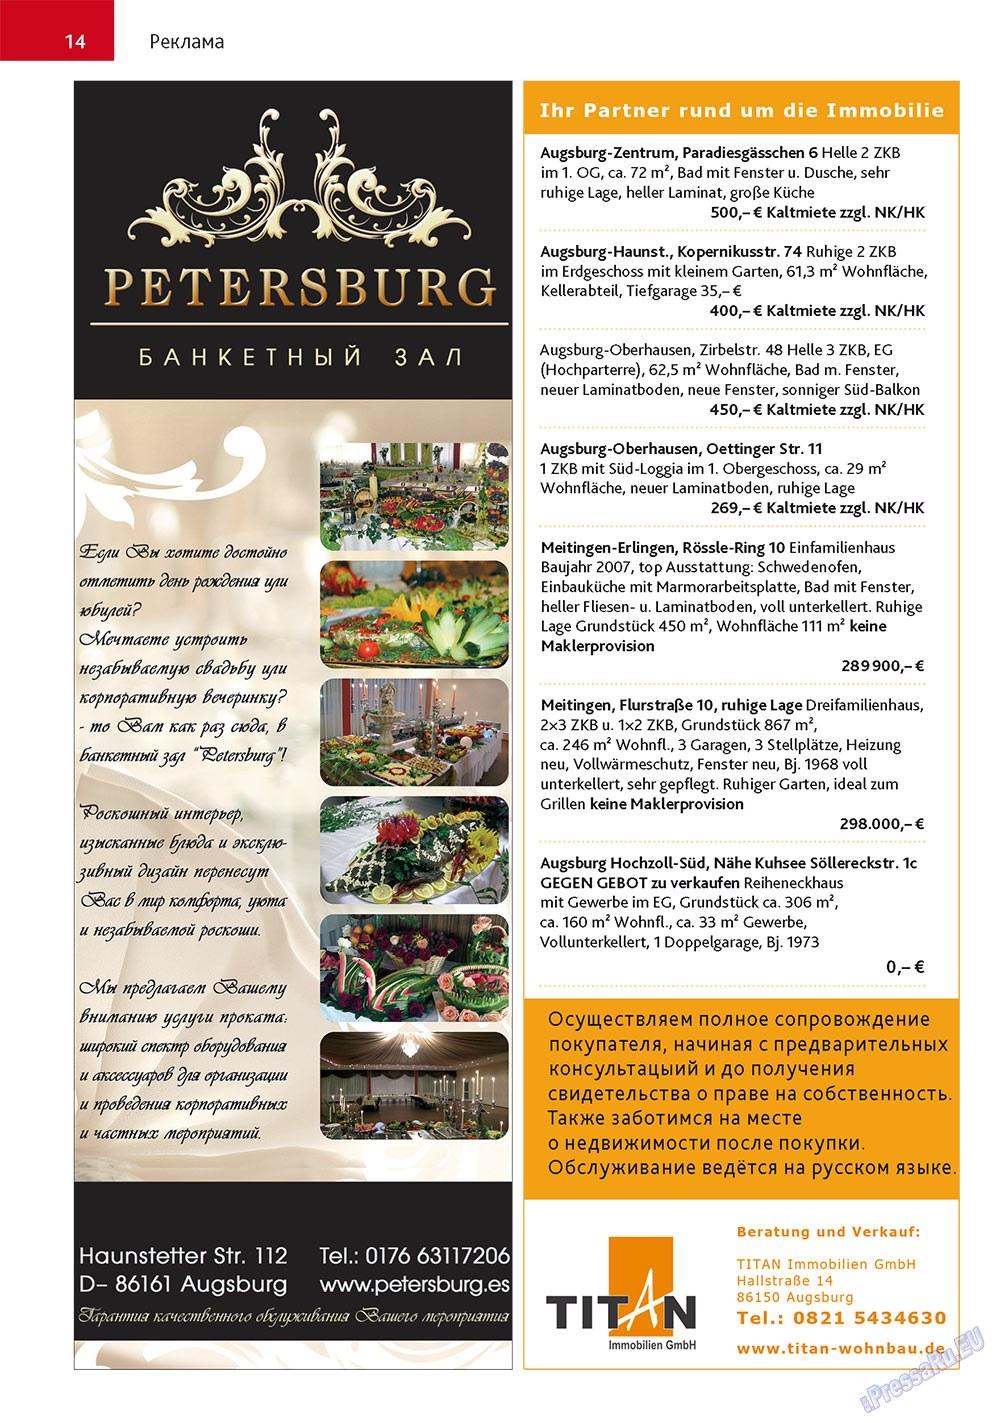 Афиша Augsburg (журнал). 2011 год, номер 10, стр. 14